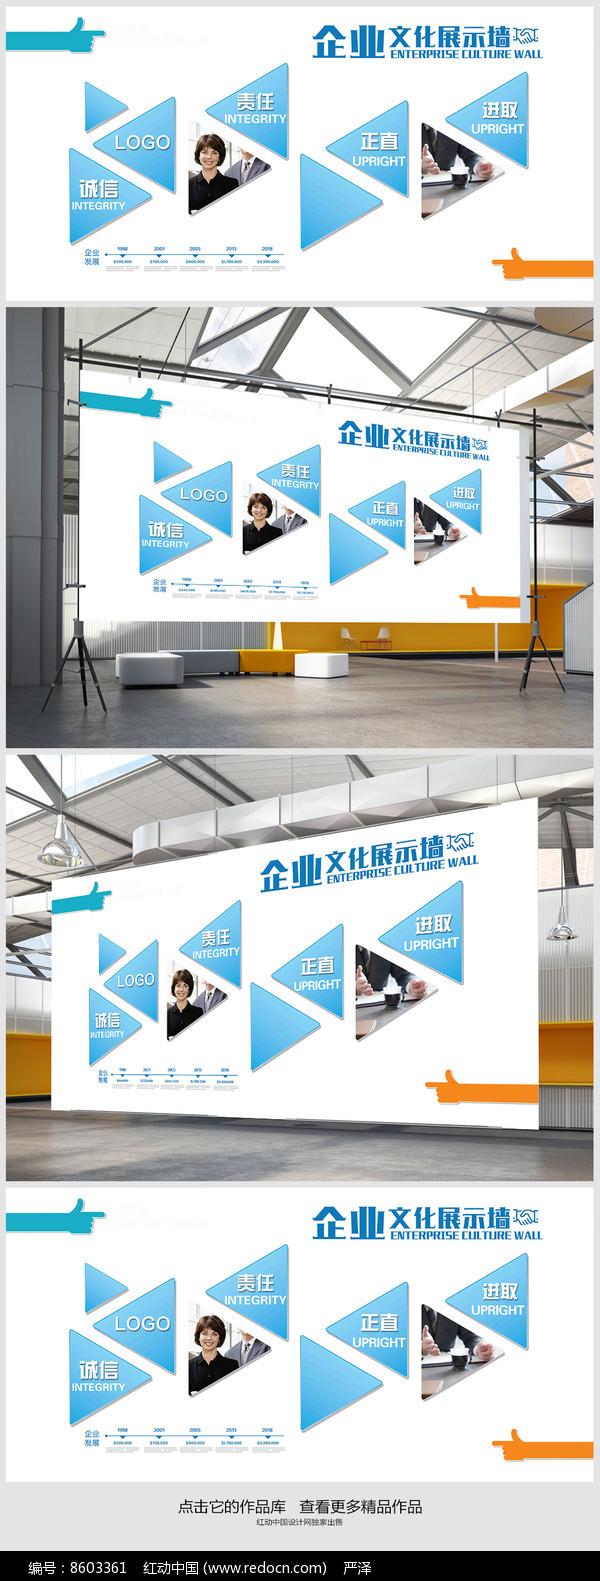 企业文化展示墙展板设计图片